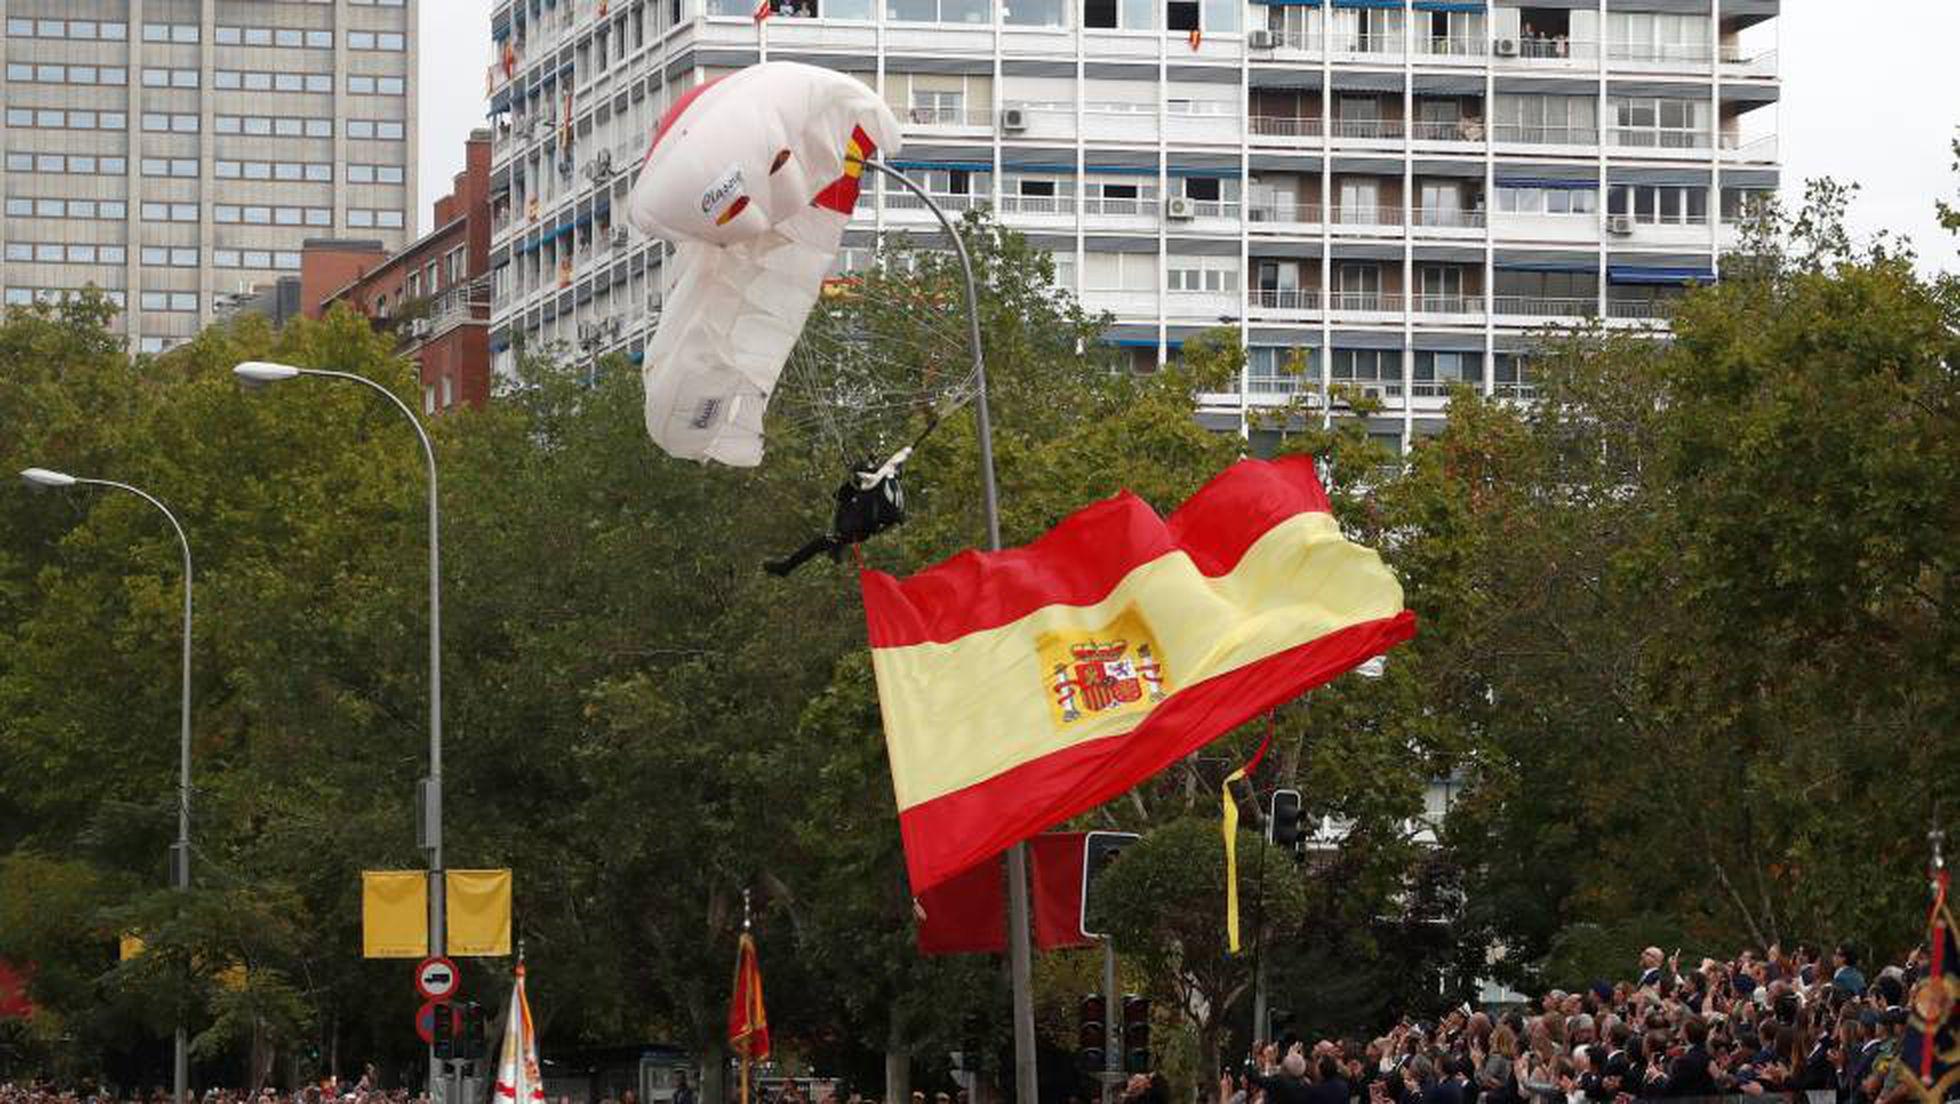 Los paracaidistas serán protagonistas en el desfile militar de la Hispanidad